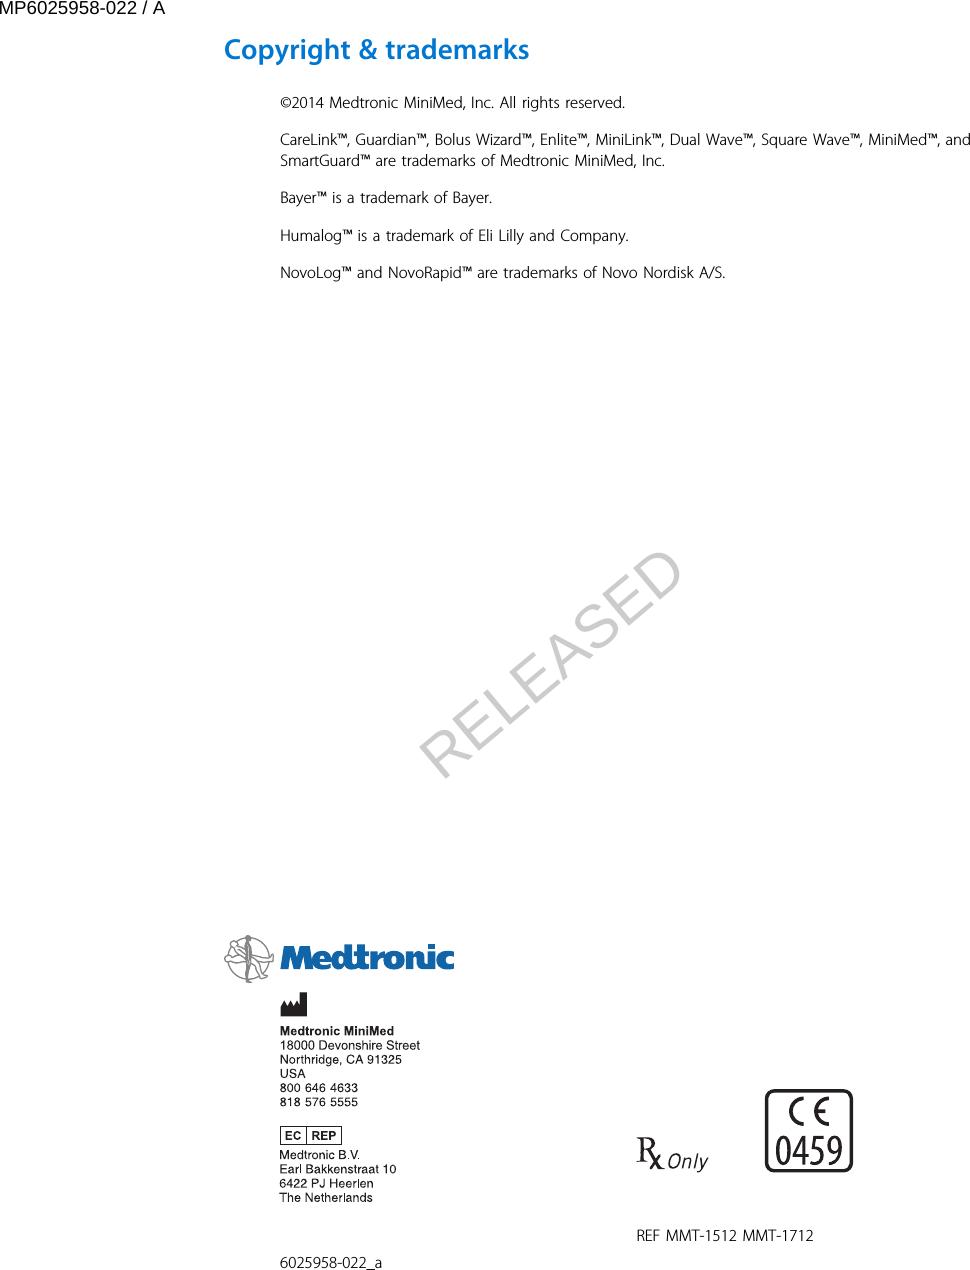 Medtronic MiniMed 1510 620G/630G/640G/670G Insulin Delivery